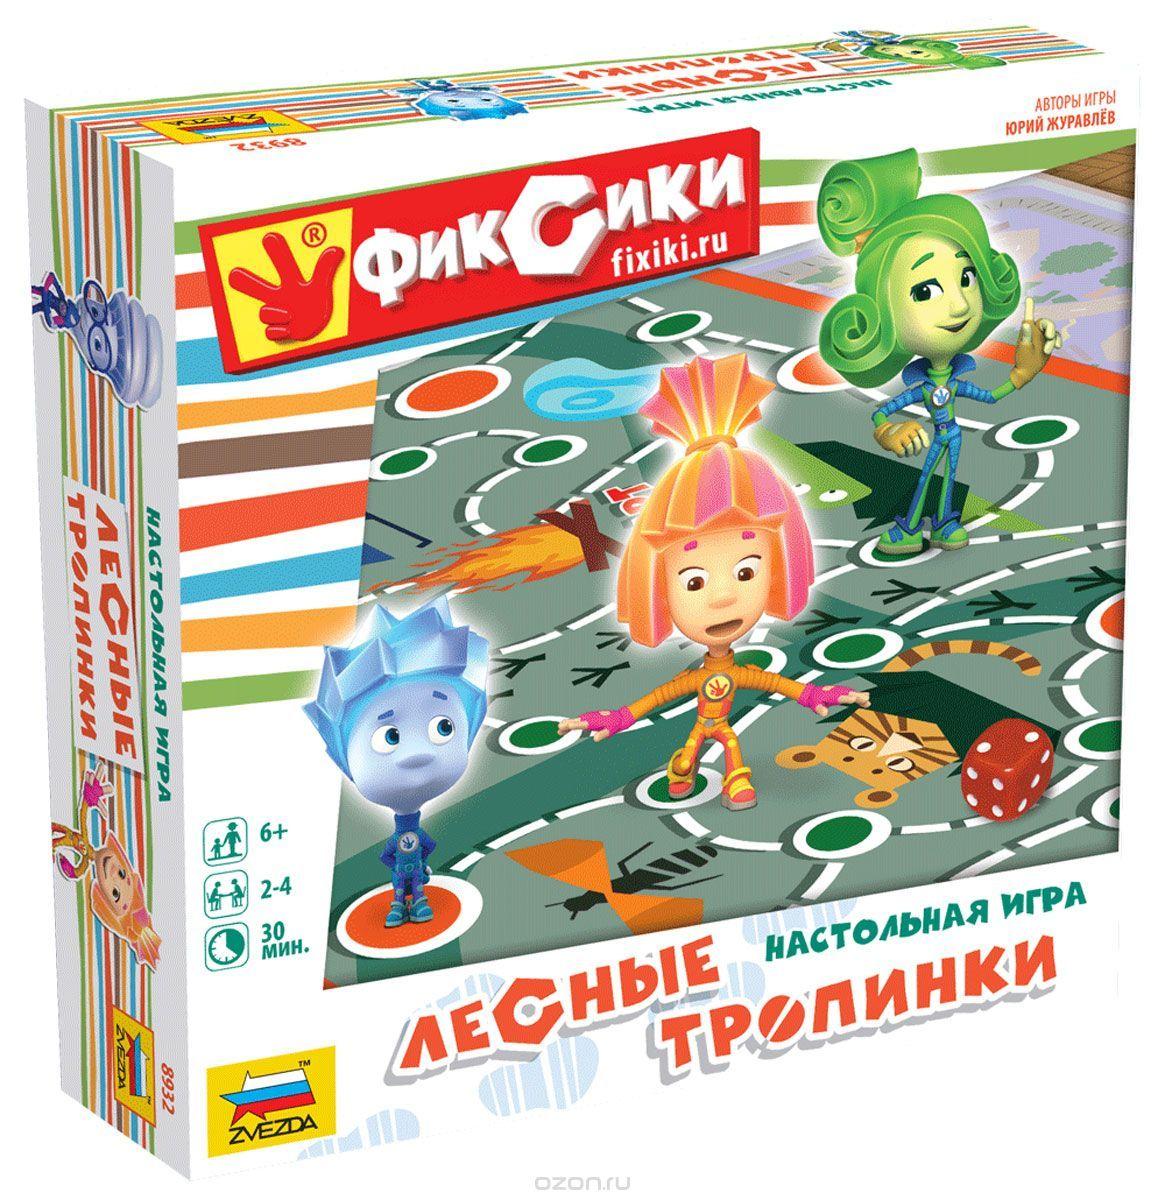 Купить Фиксики. Лесные тропинки в интернет-магазине OZON.ru 2ea2447025b